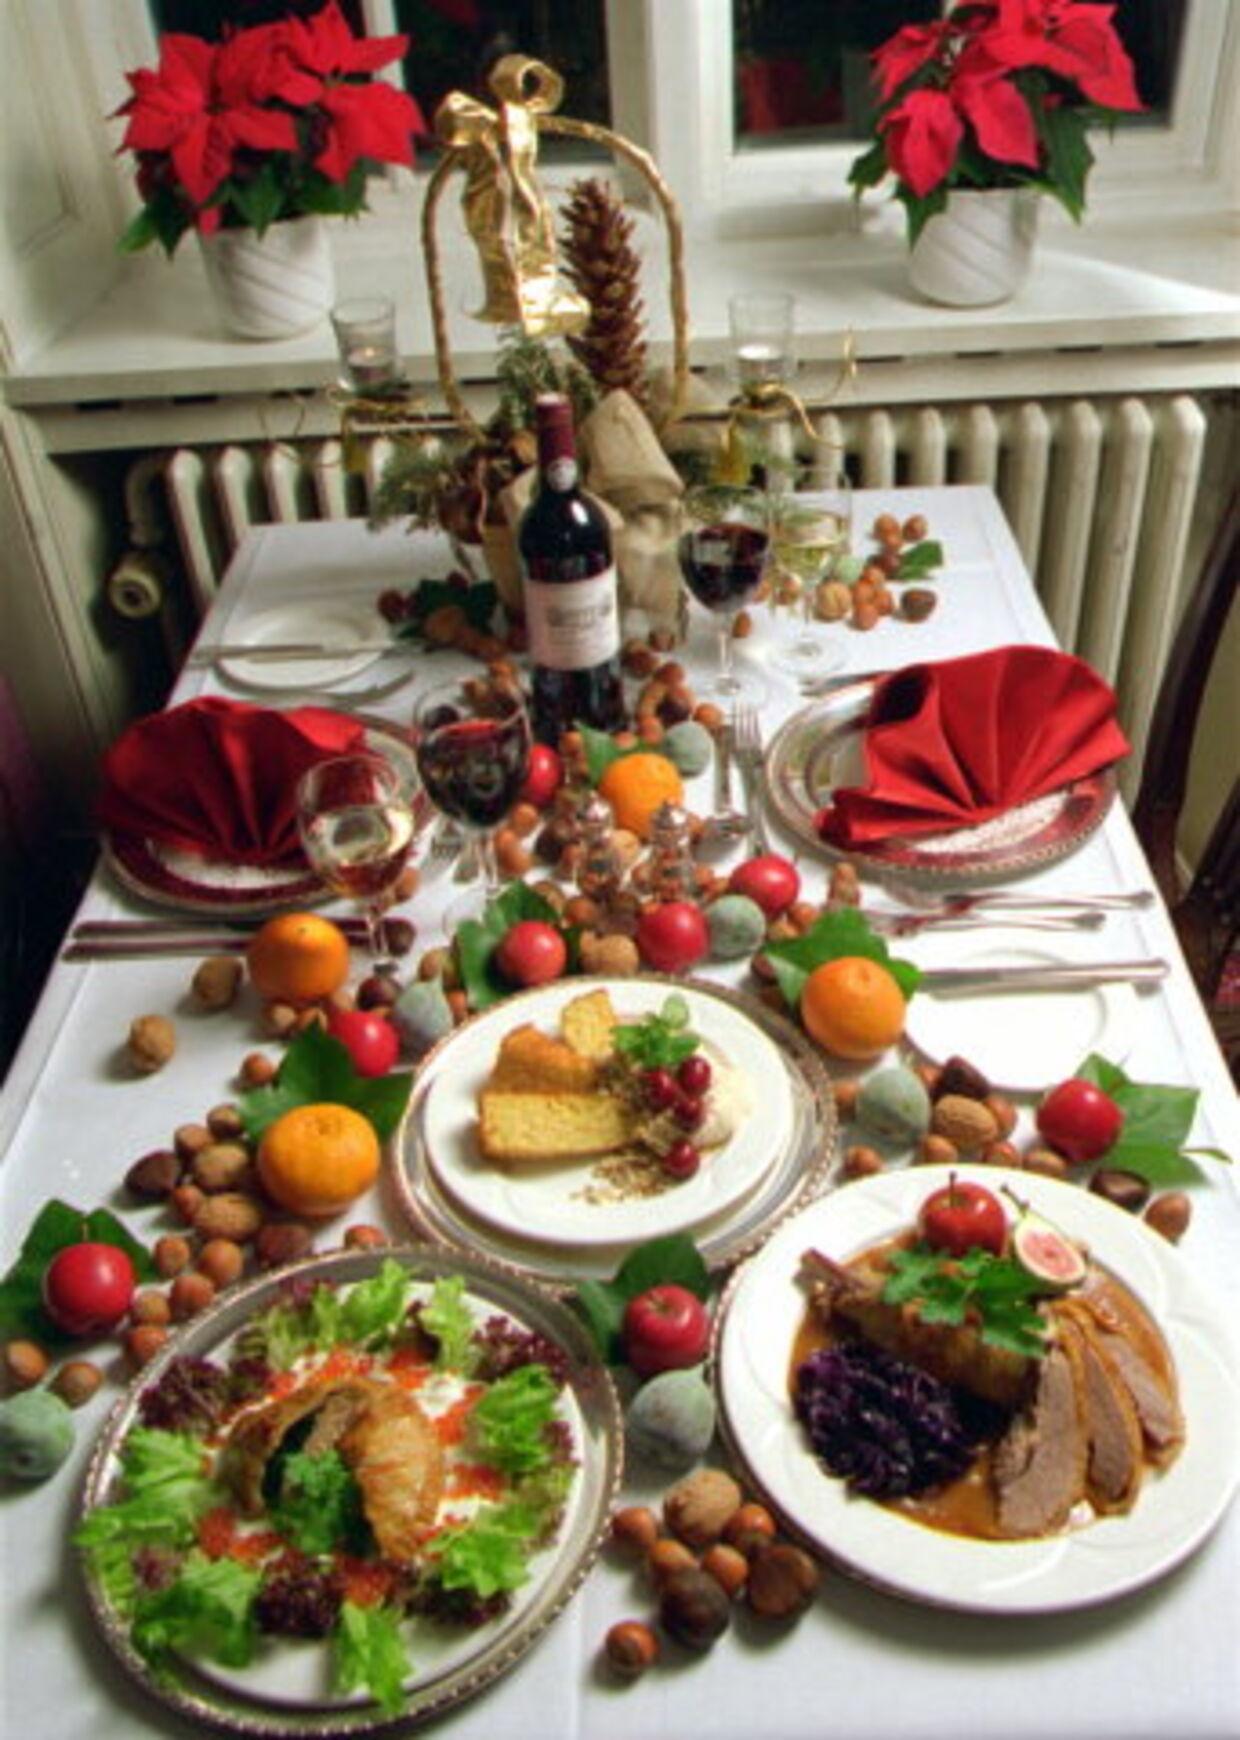 JULEBORDETS GLÆDER: Enhver, der har prøvet at stå for familiens julearrangement, ved. at det er en kæmpeopgave - både logistisk og tidsmæssigt - at lave den traditionelle julemad. Ved at holde julen ude, kan man i stedet bruge tiden og energien på at hygge sig med familien og komme i den rette stemning. <br>Foto: Søren Steffen